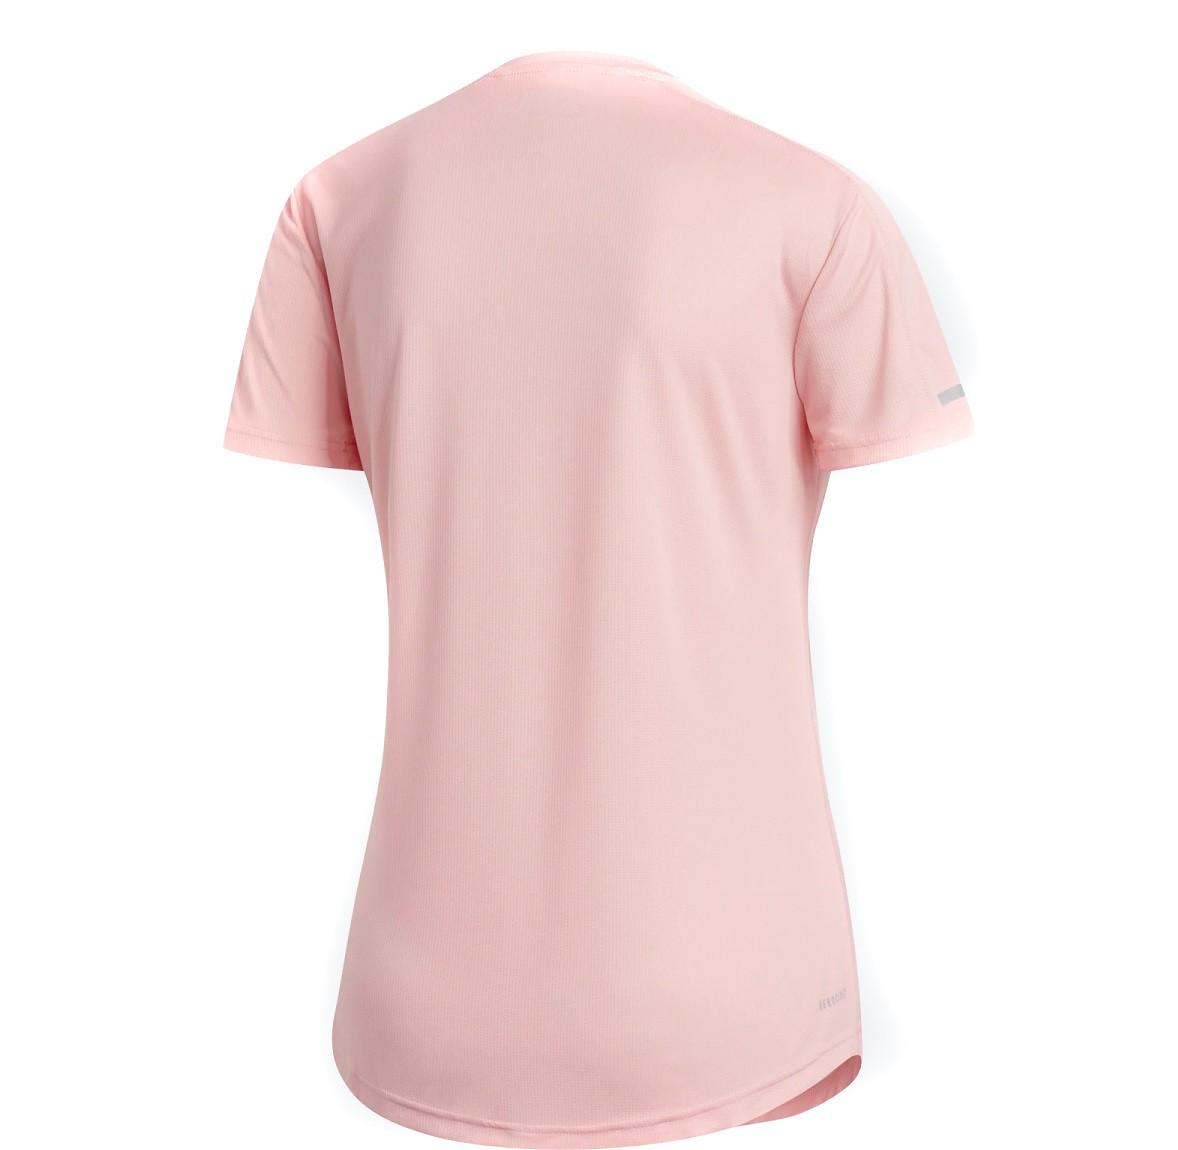 Camiseta Adidas Run It Feminina Rosa